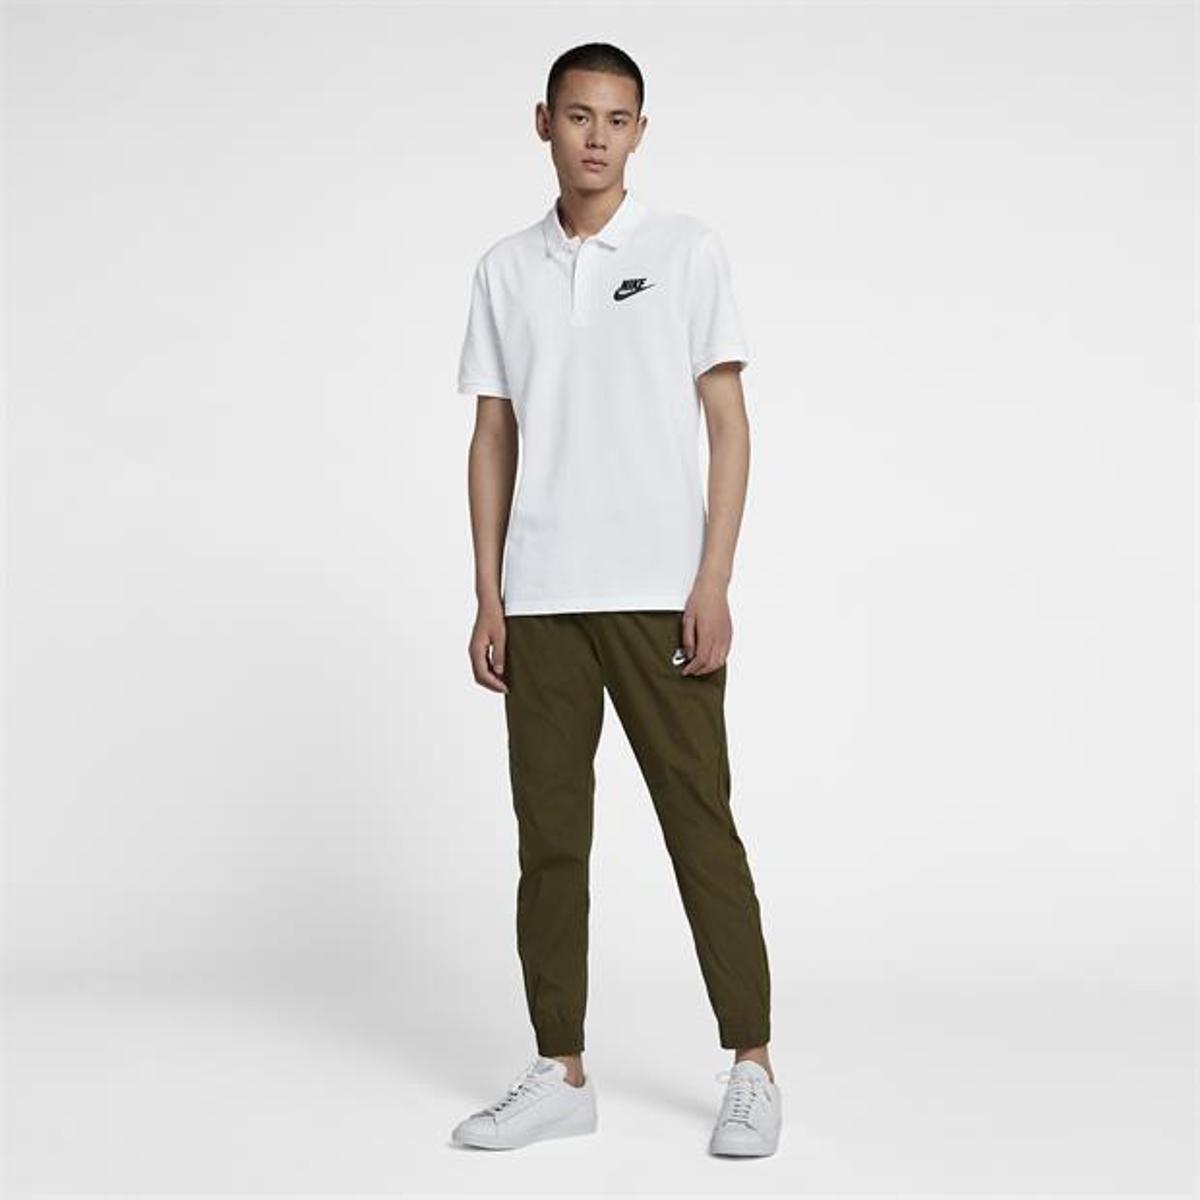 Camisa Polo Nike Matchup Piquet Masculina - Preto e Branco - Compre ... e3fe62d738b8d